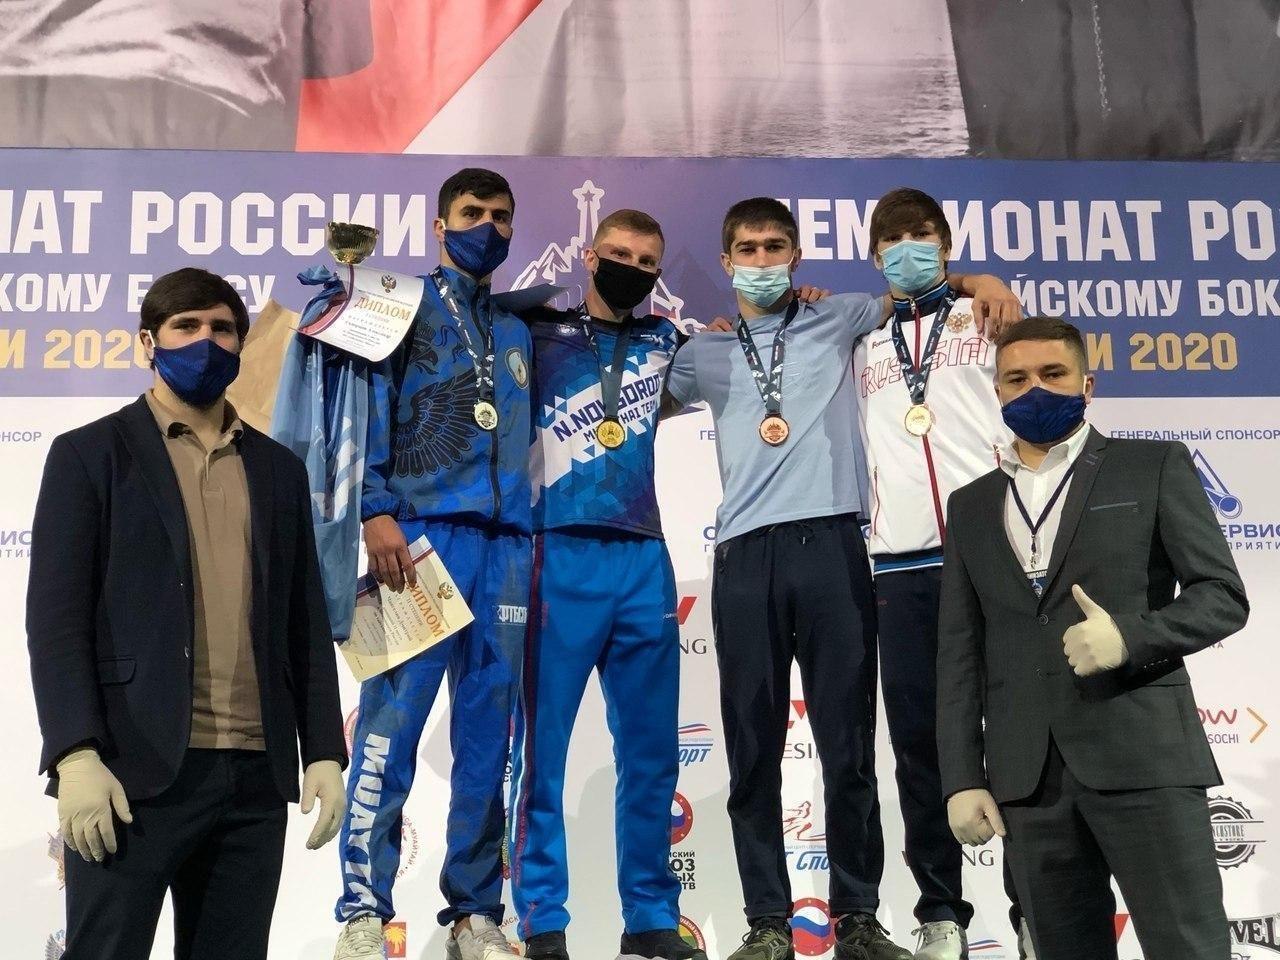 Чемпионат России  - первые выводы